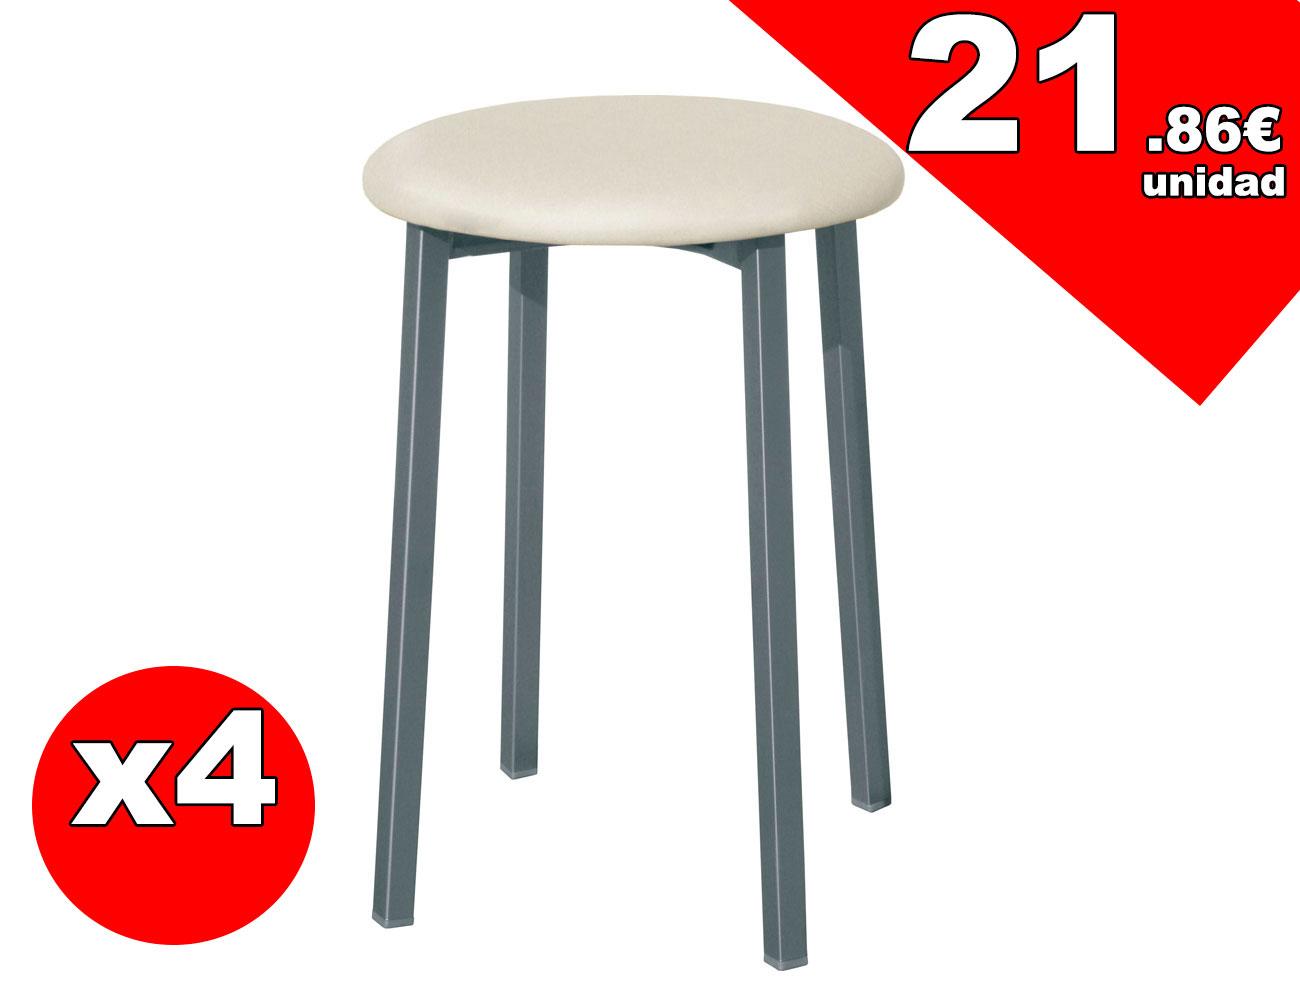 Taburete de cocina con asiento en polipiel 3543 for Taburetes de cocina de diseno